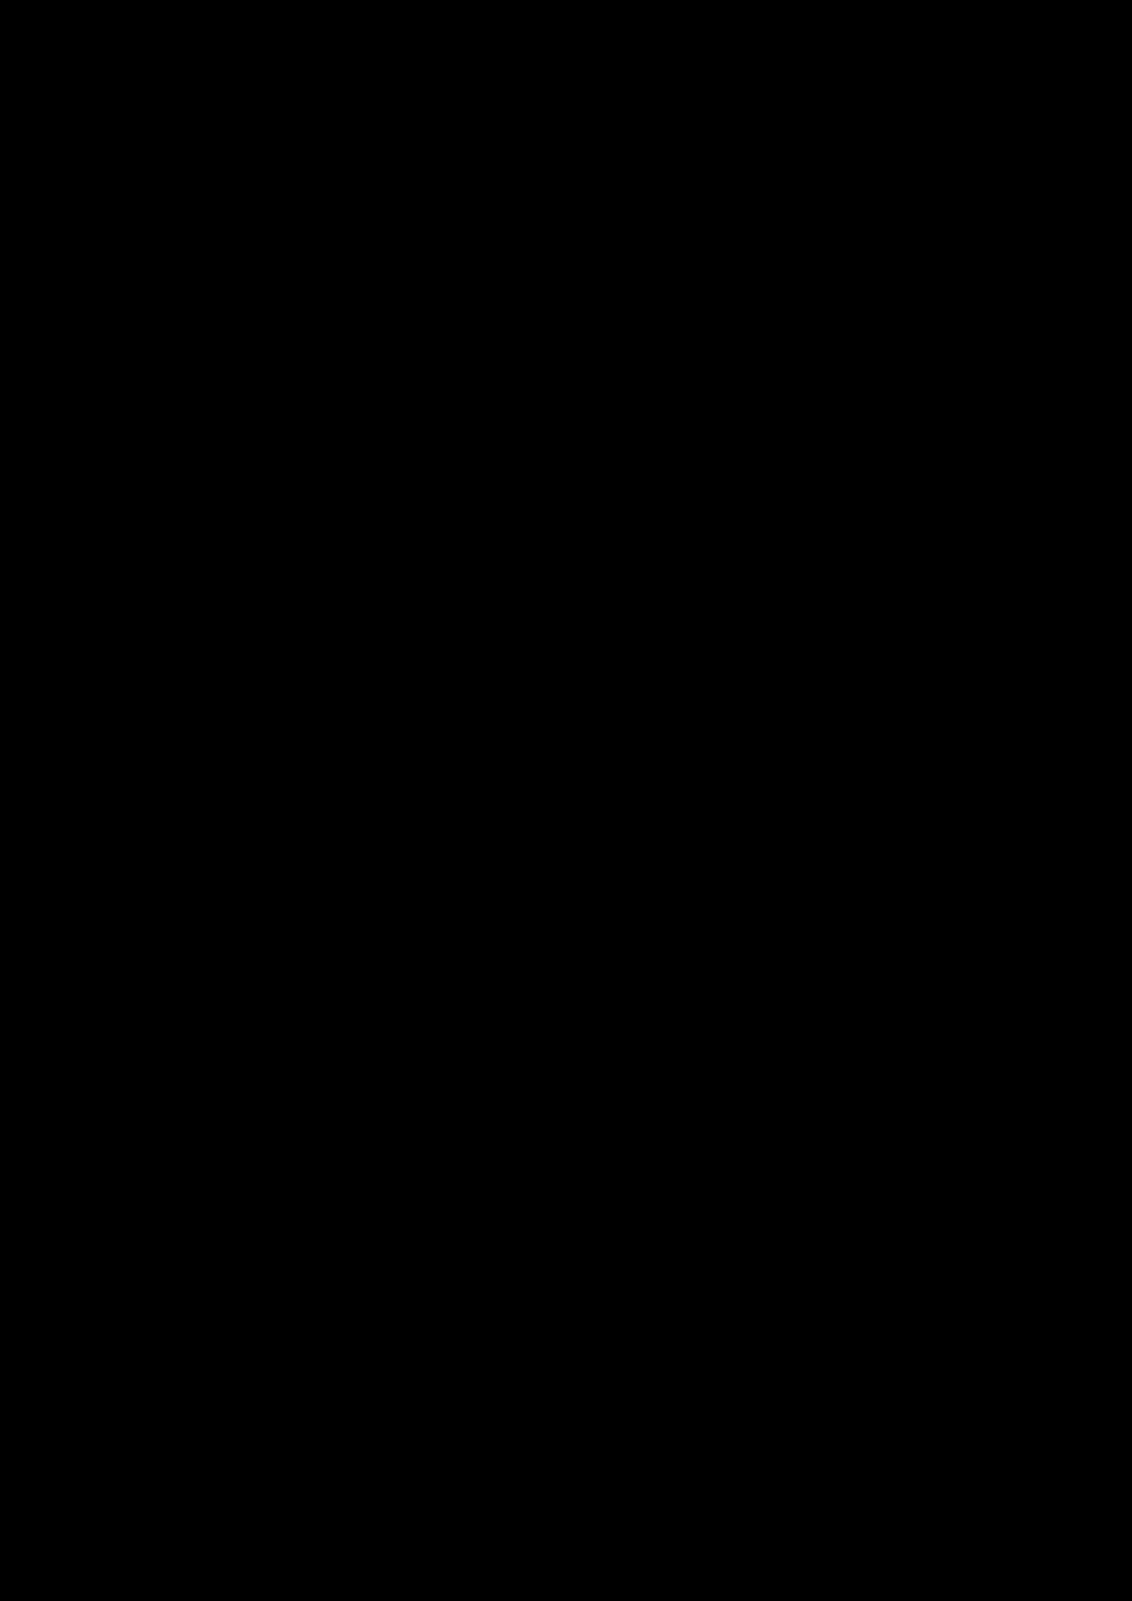 Proschanie s volshebnoy stranoy slide, Image 57